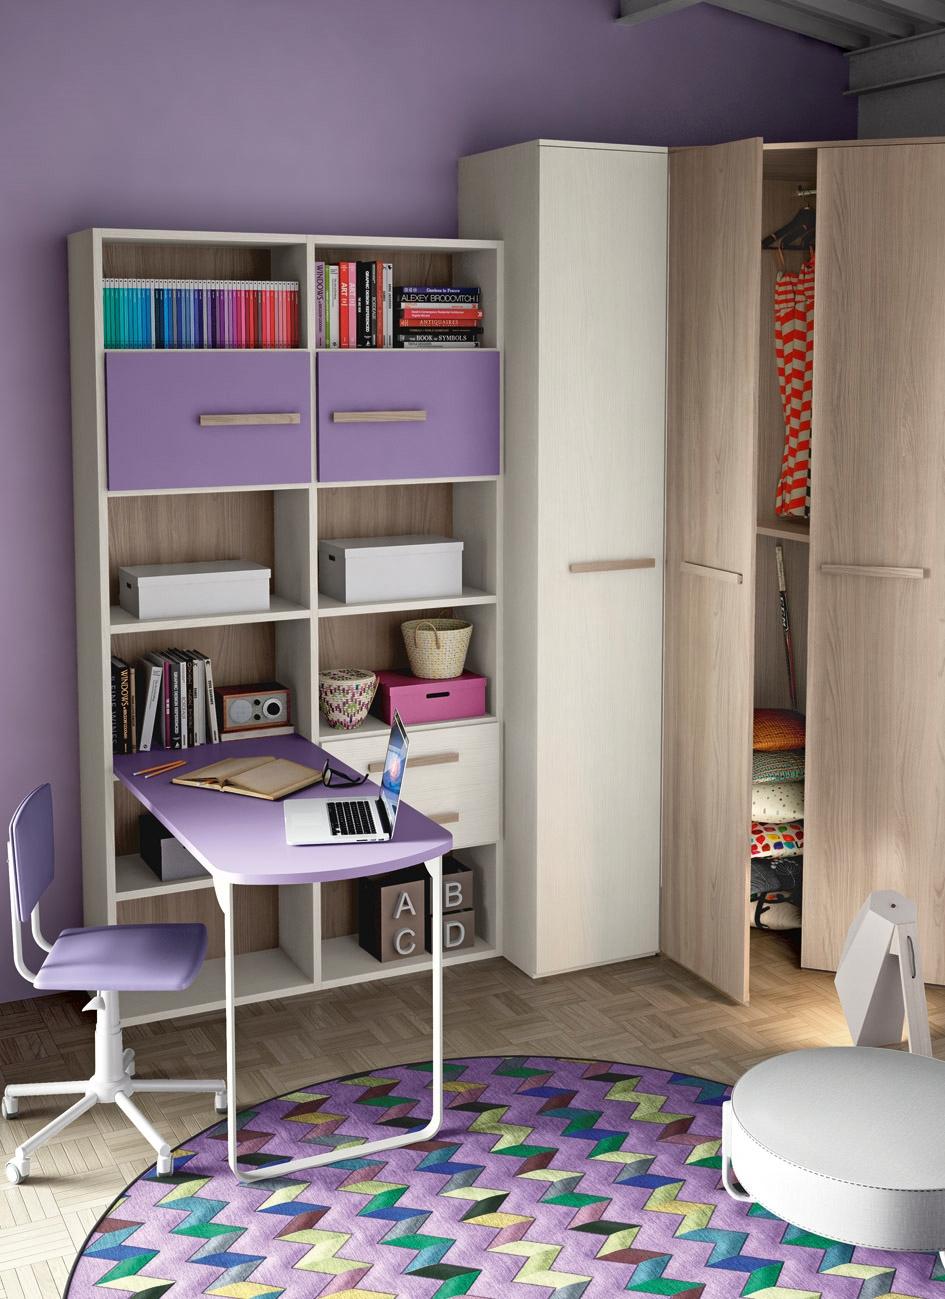 Cameretta con cabina armadio e un letto completa di zona for Armadio libreria ikea